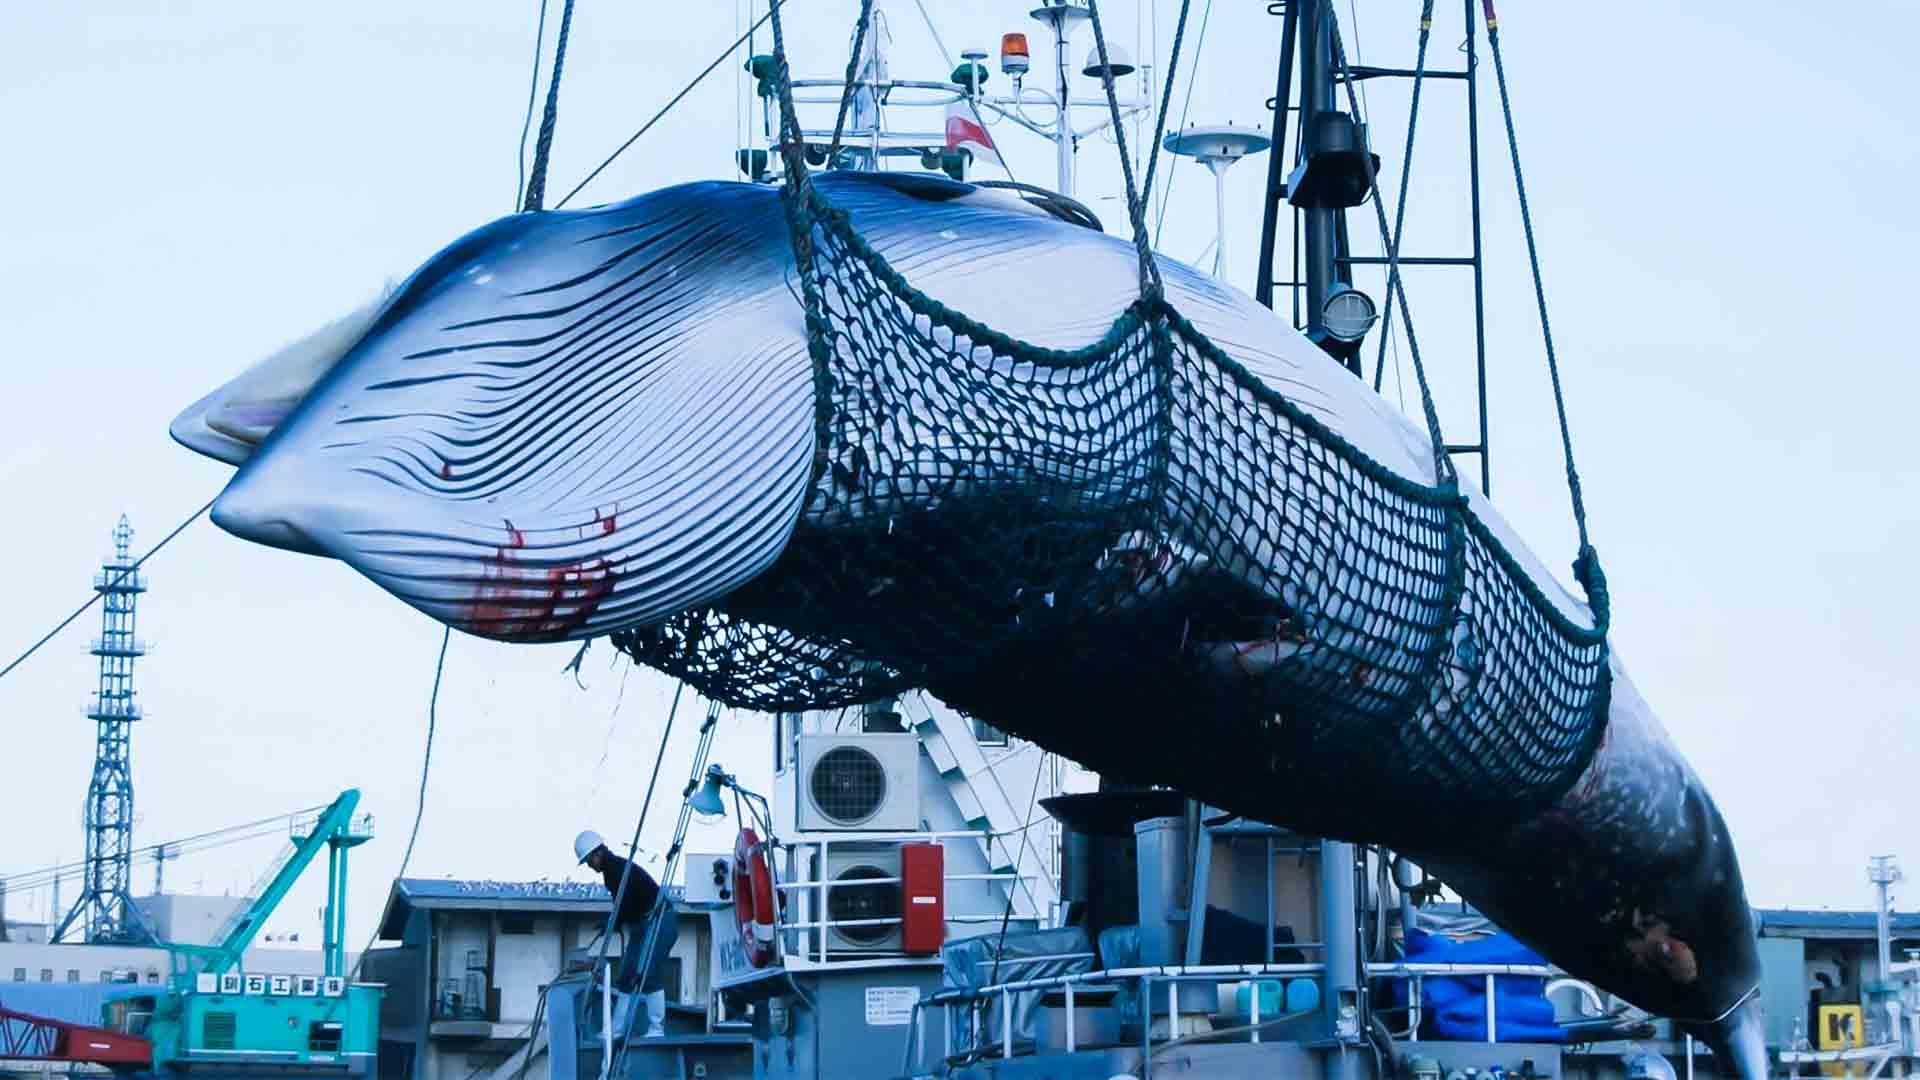 Oggi il Giappone ha ripreso la caccia alle balene